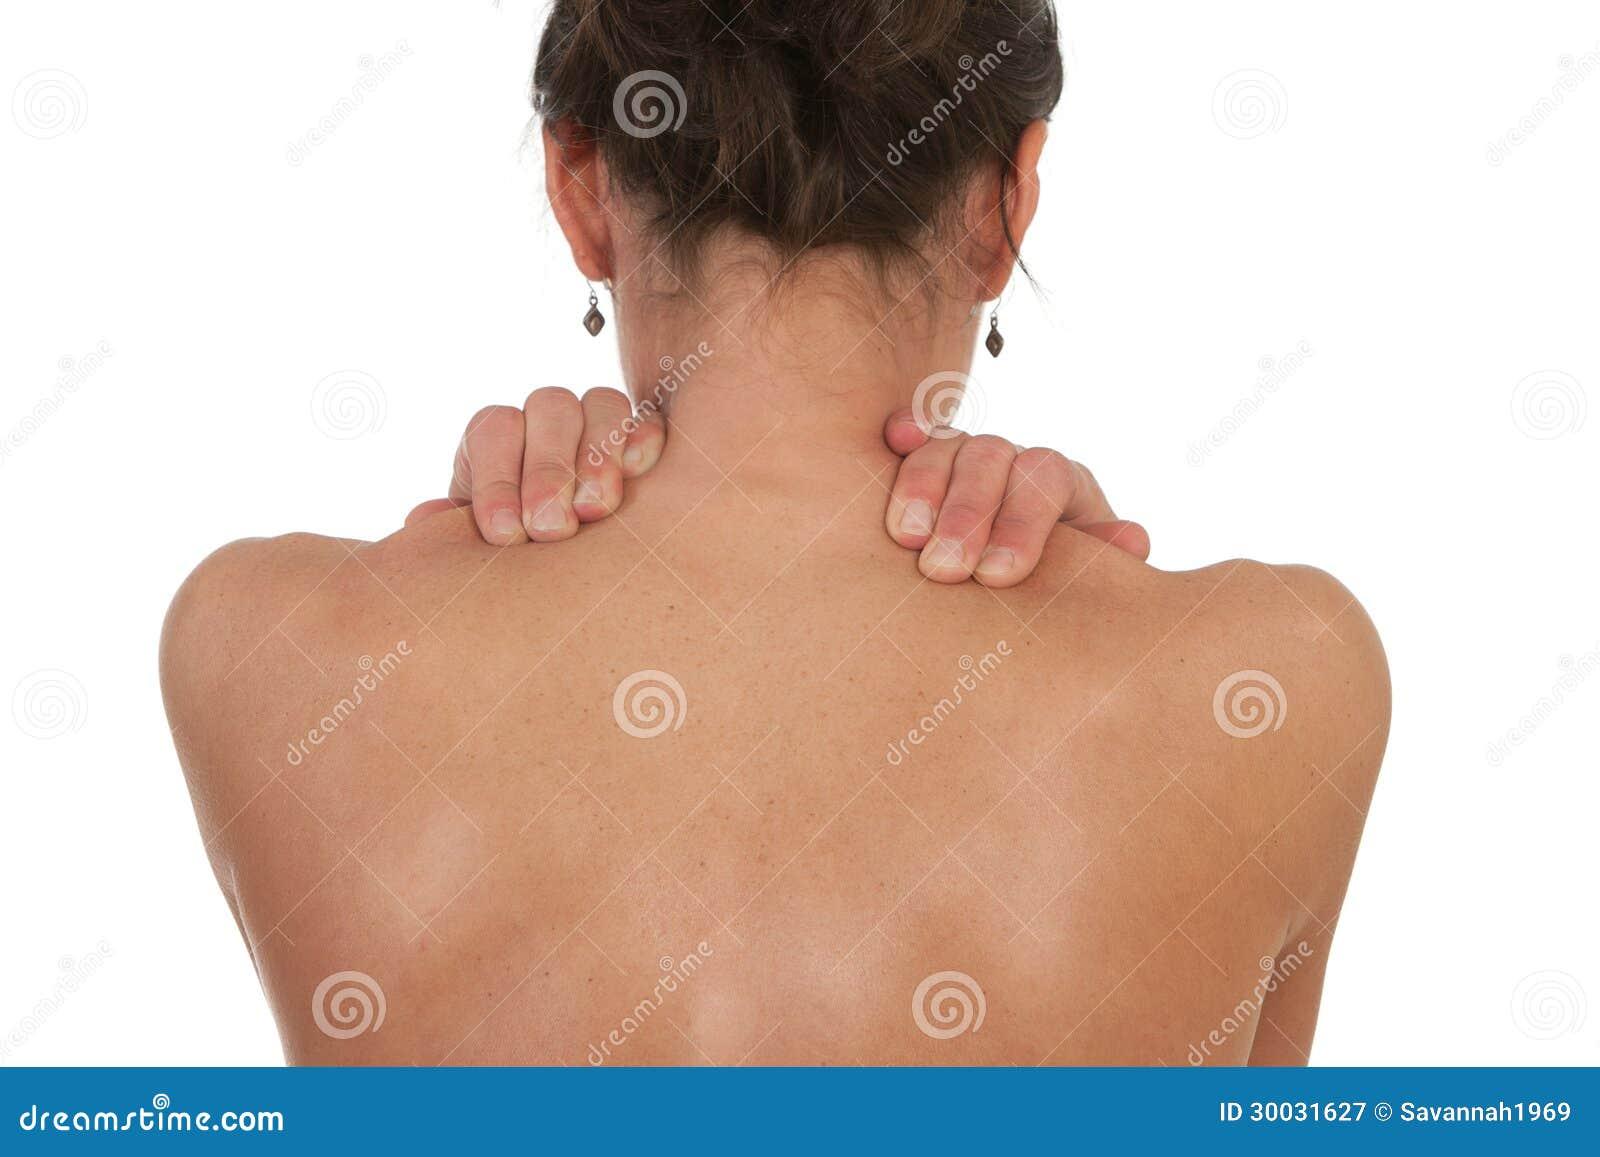 Genio Cómo determinar si necesita hacer realmente dolor de espalda baja